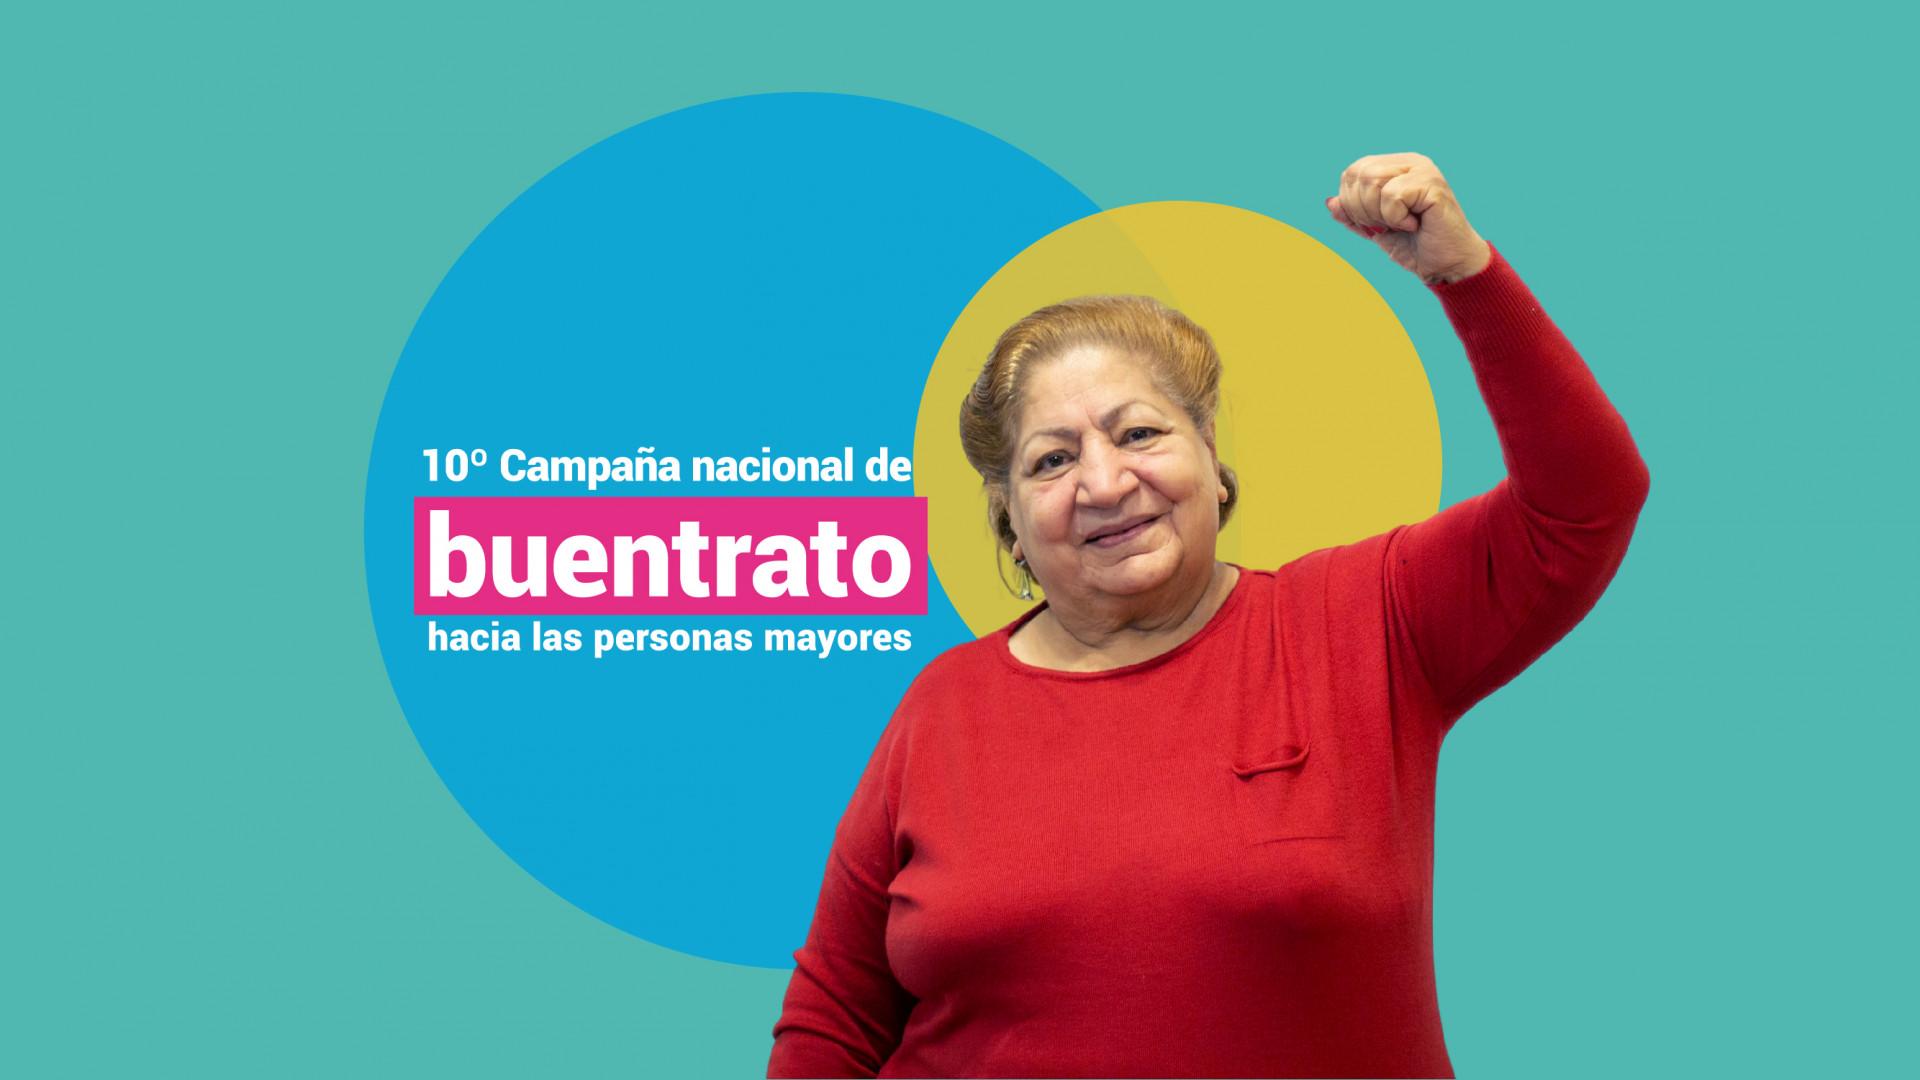 SENAF y PAMI lanzan la Campaña por el Buentrato a las Personas Mayores    Argentina.gob.ar